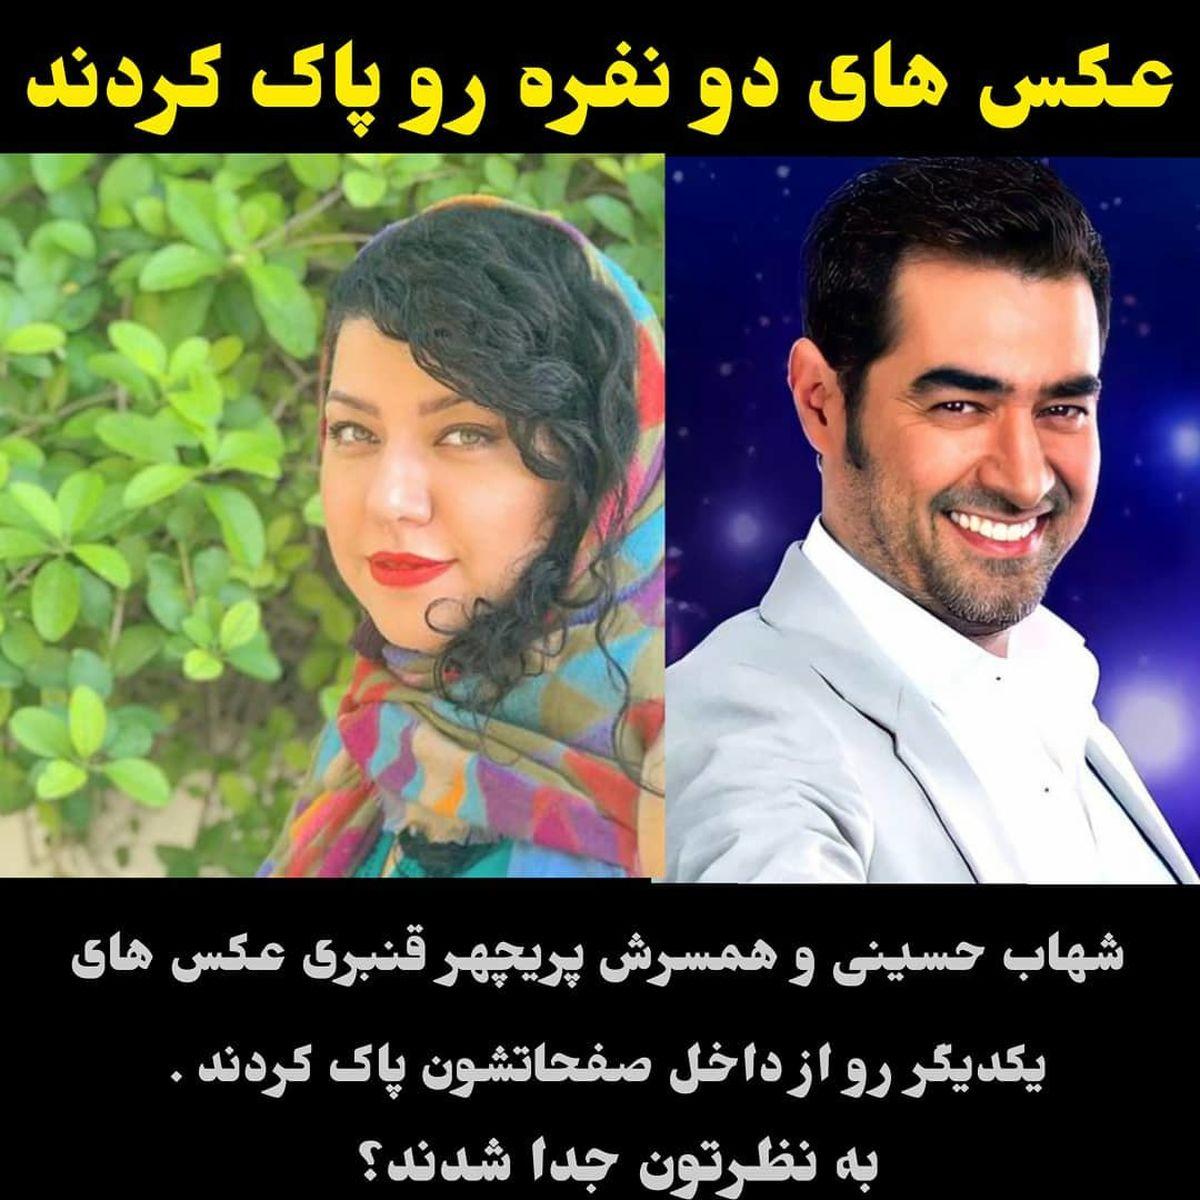 طلاق شهاب حسینی از همسرش قوت گرفت! +عکس